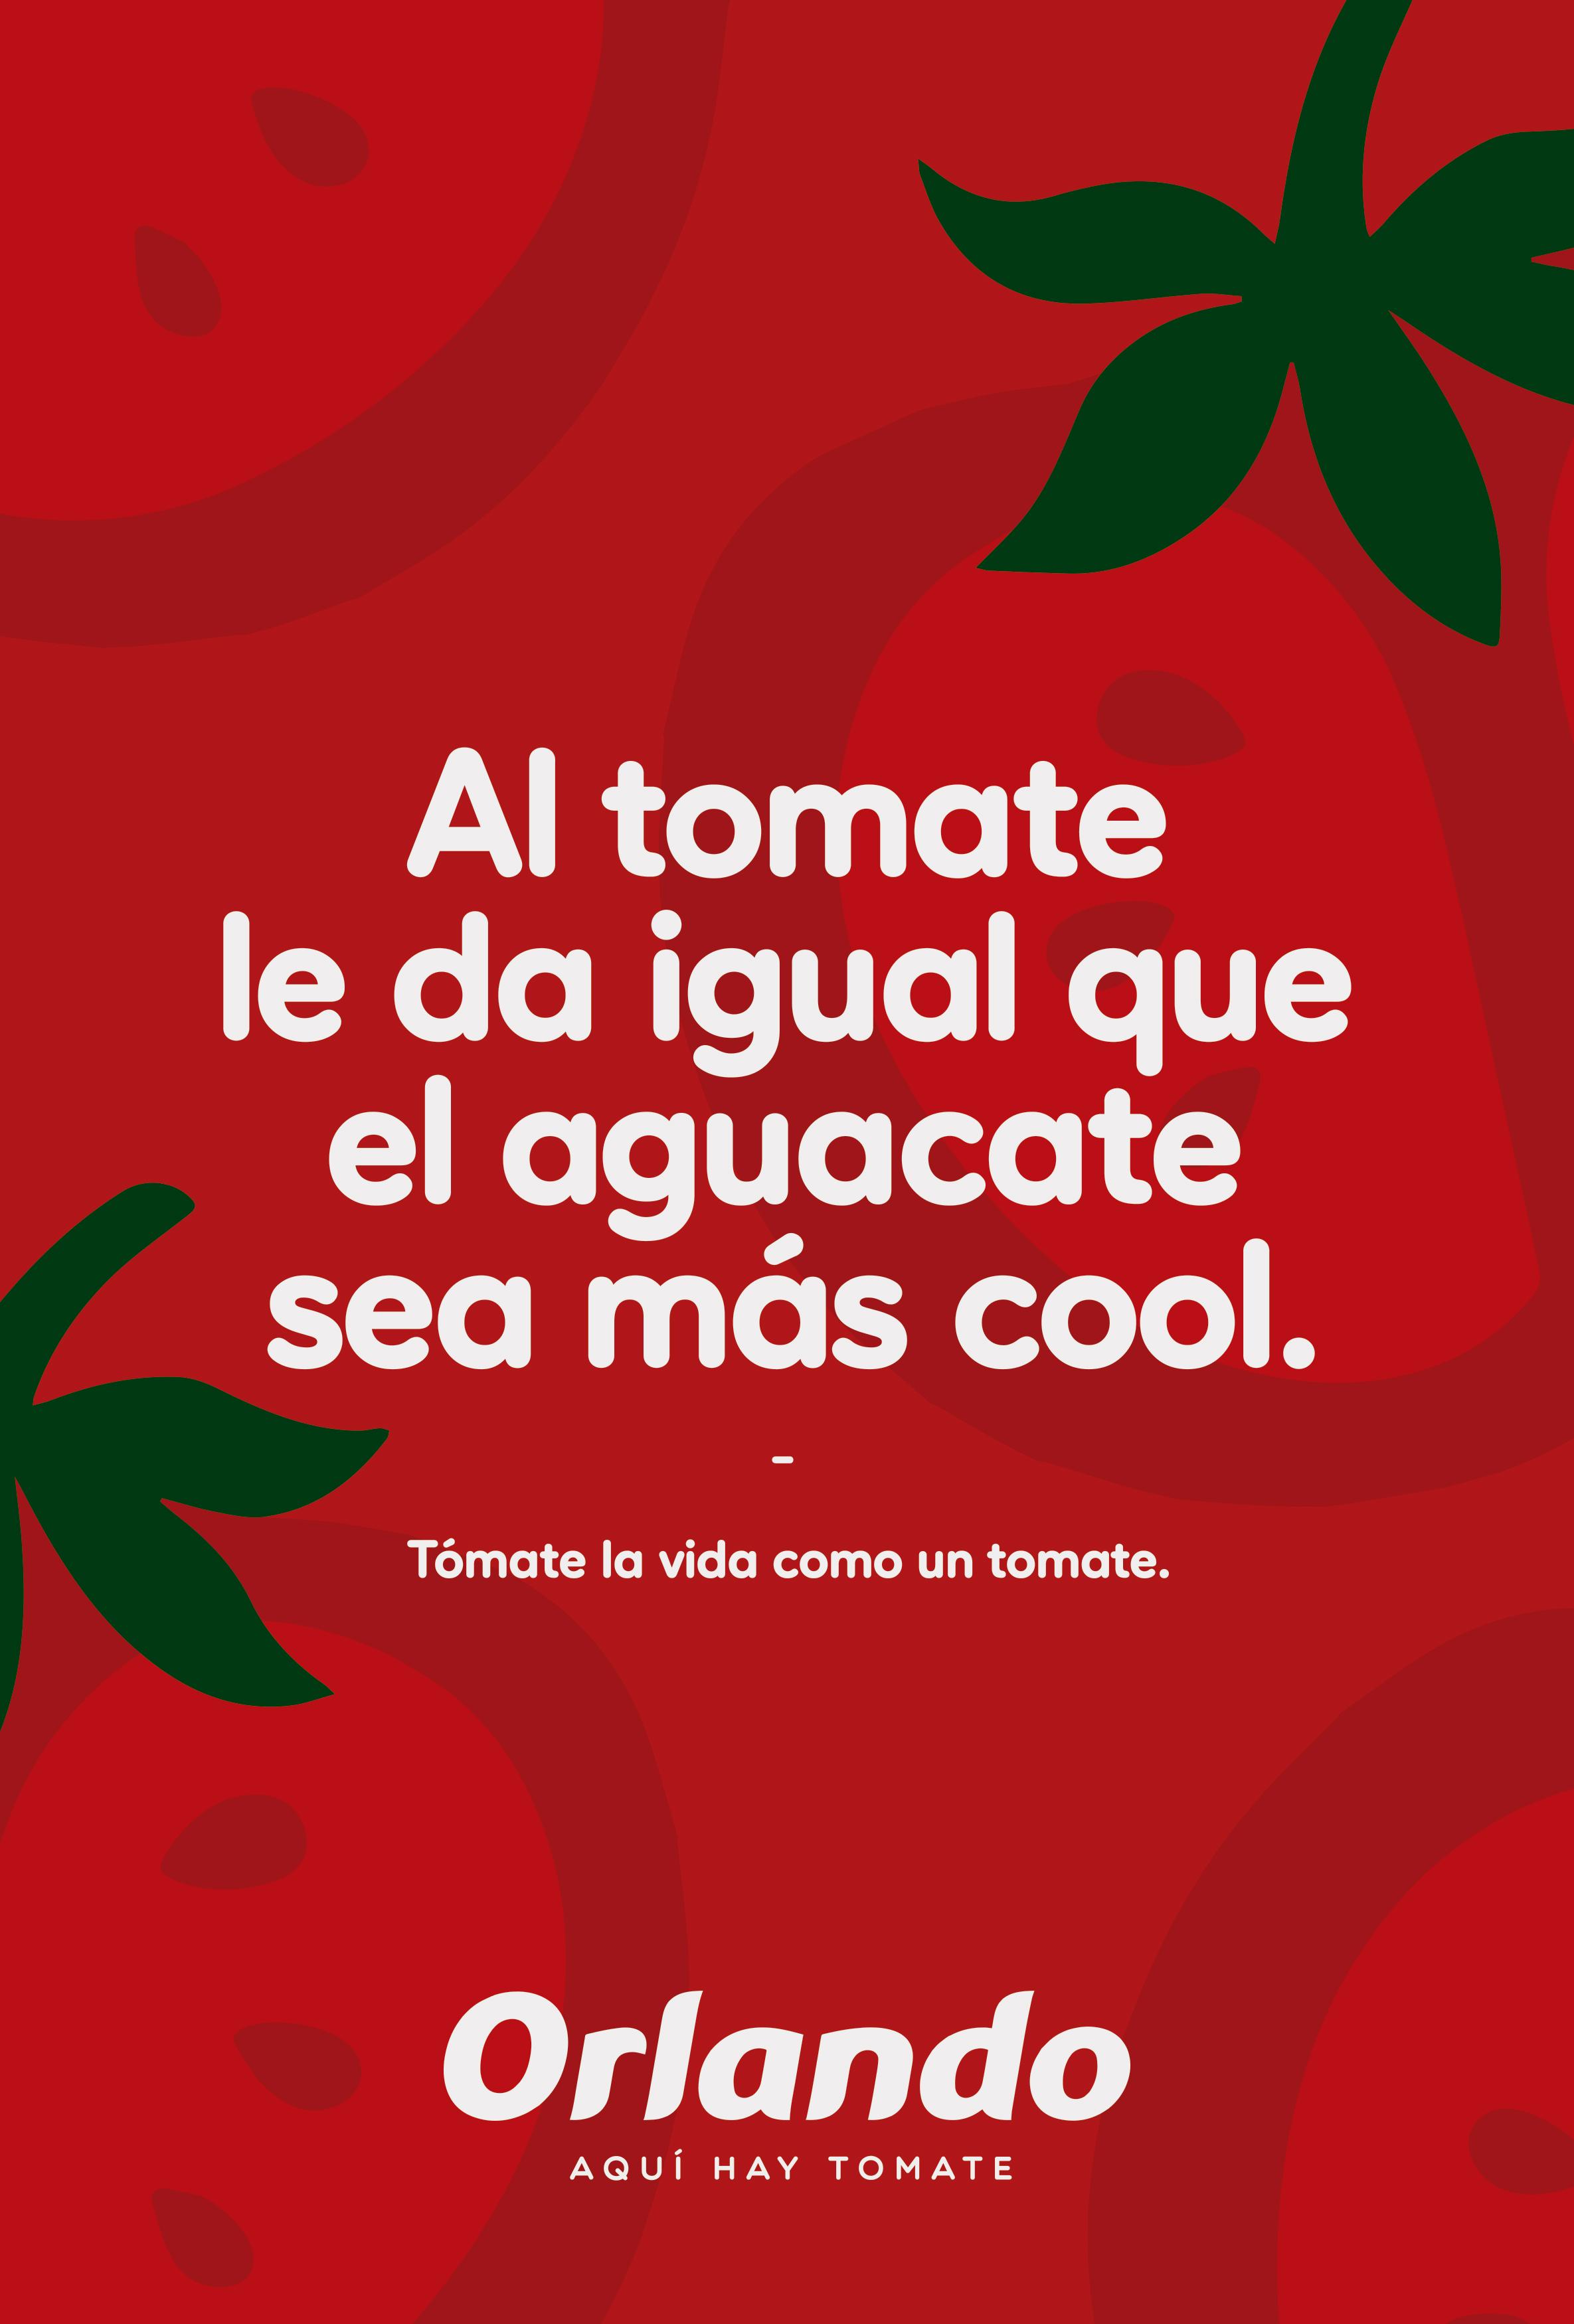 Orlando - Tómate la vida como un tomate 1